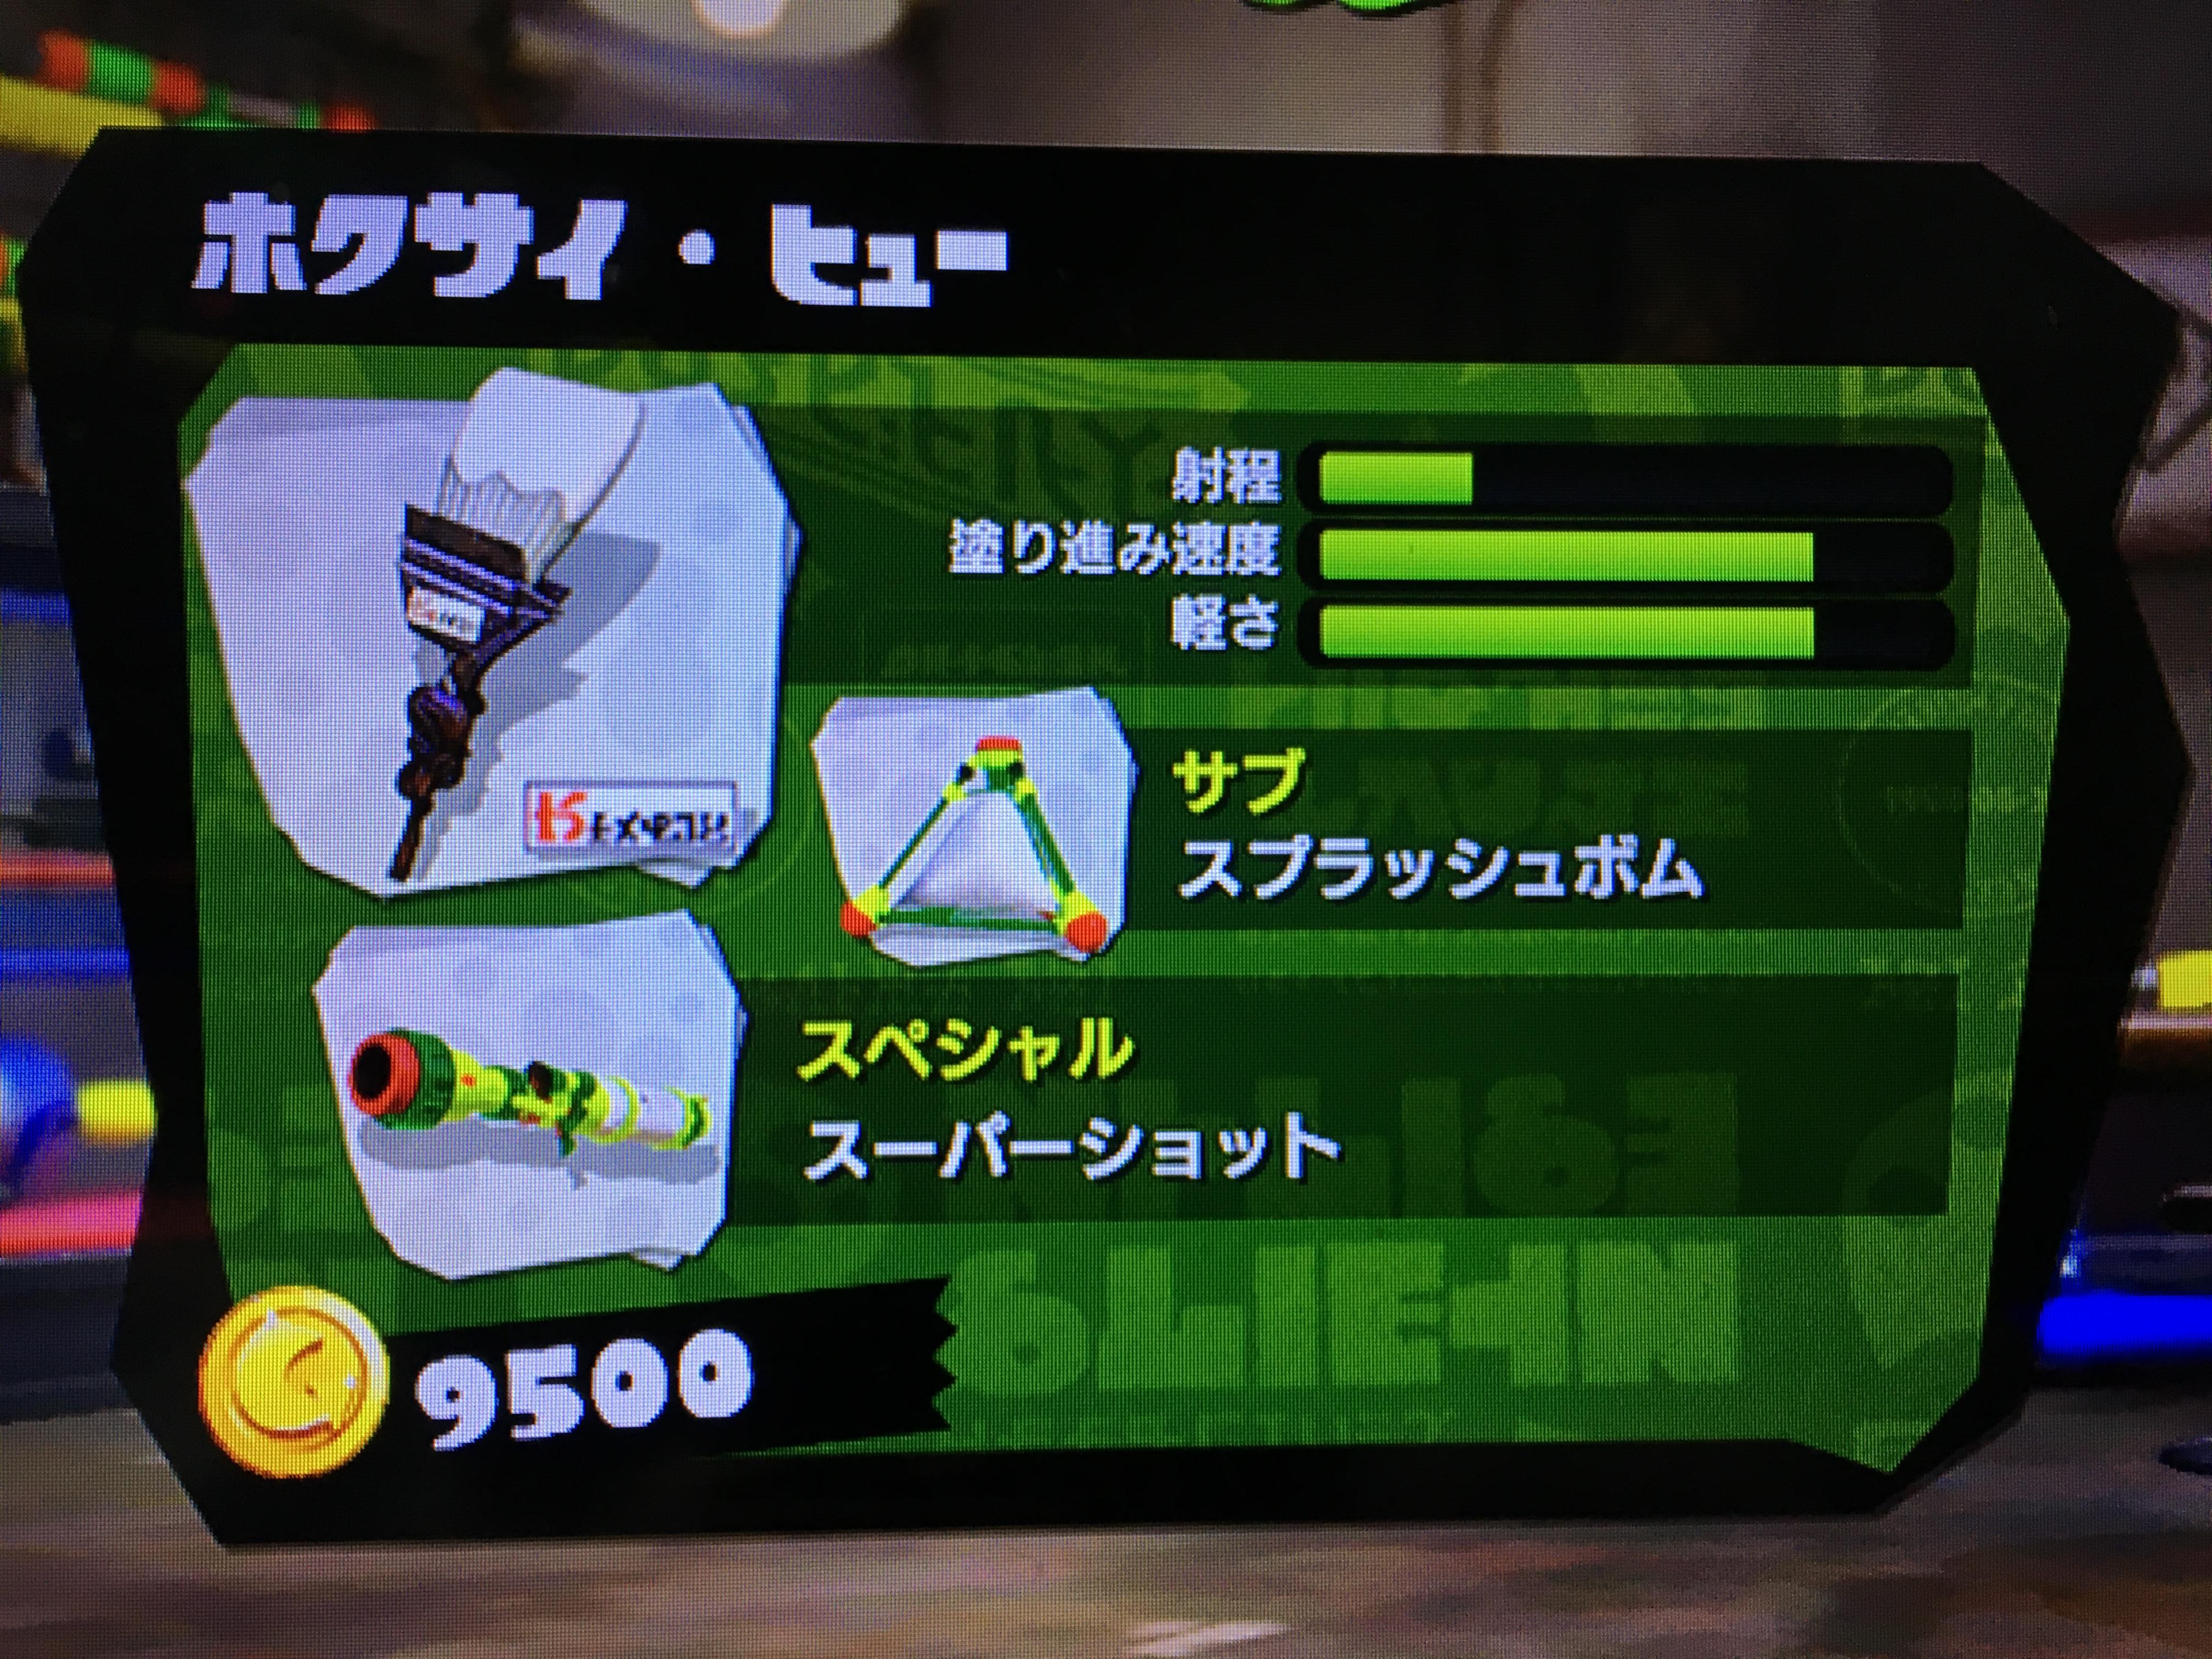 スプラトゥーンに新武器「ホクサイ・ヒュー」が追加!立ち回りやおすすめギア